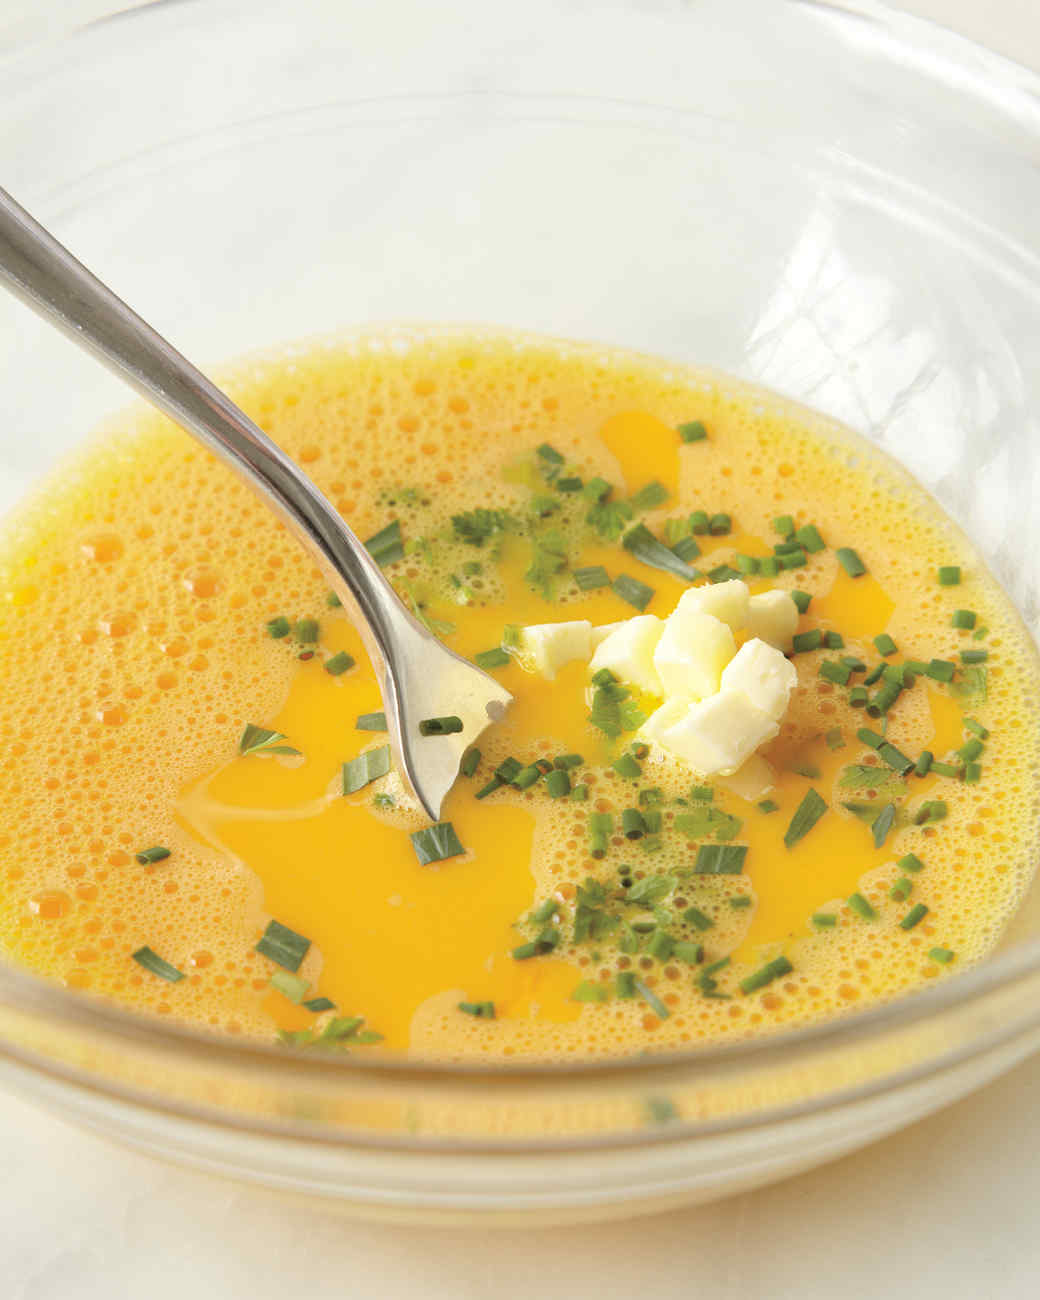 omelet-howto-057-mld110179.jpg